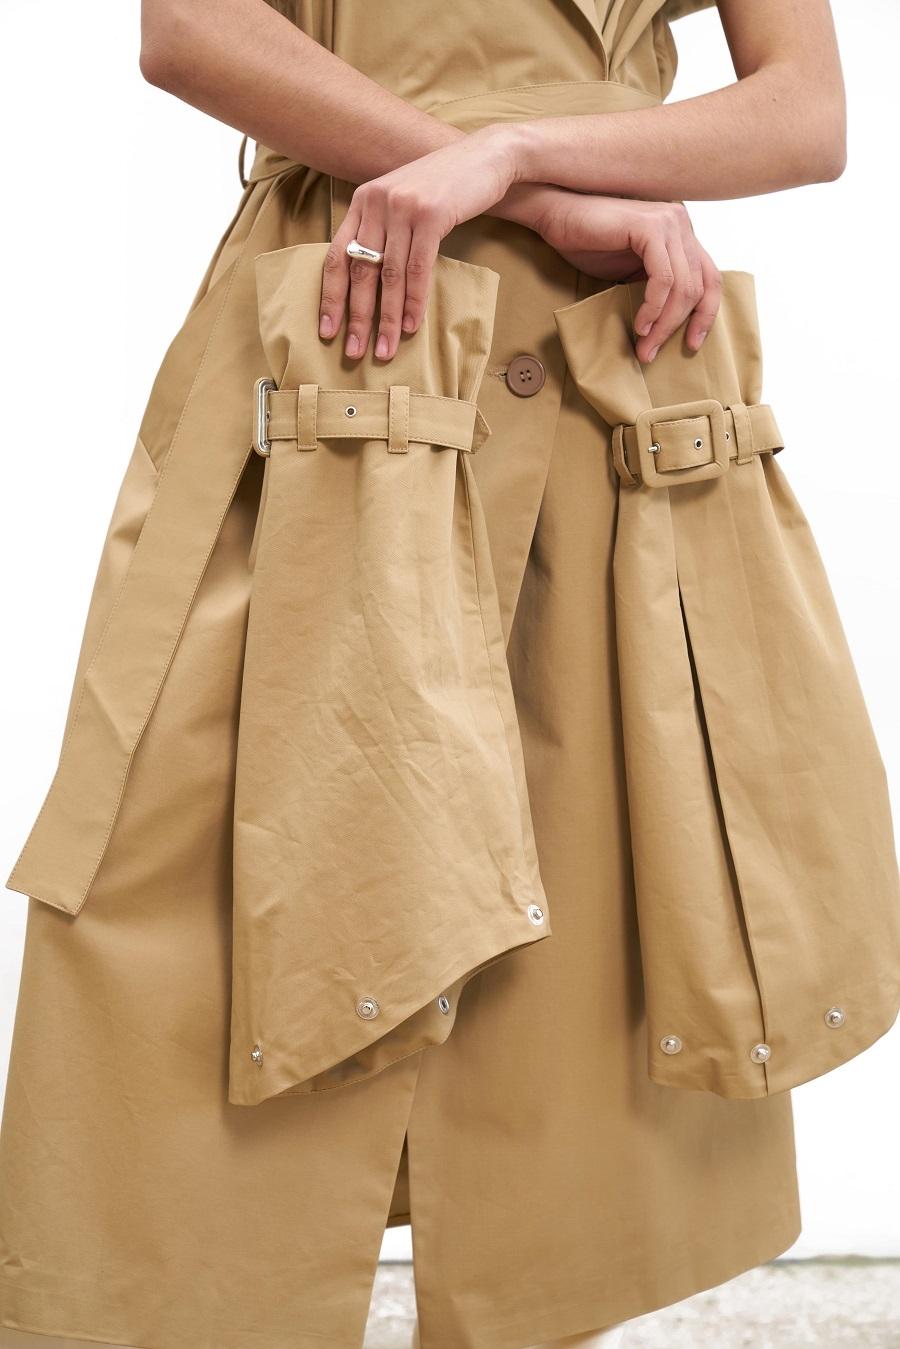 Идеальные костюмы и стильные тренчи в новой коллекции украинского бренда ТОТЕ (ФОТО) - фото №5